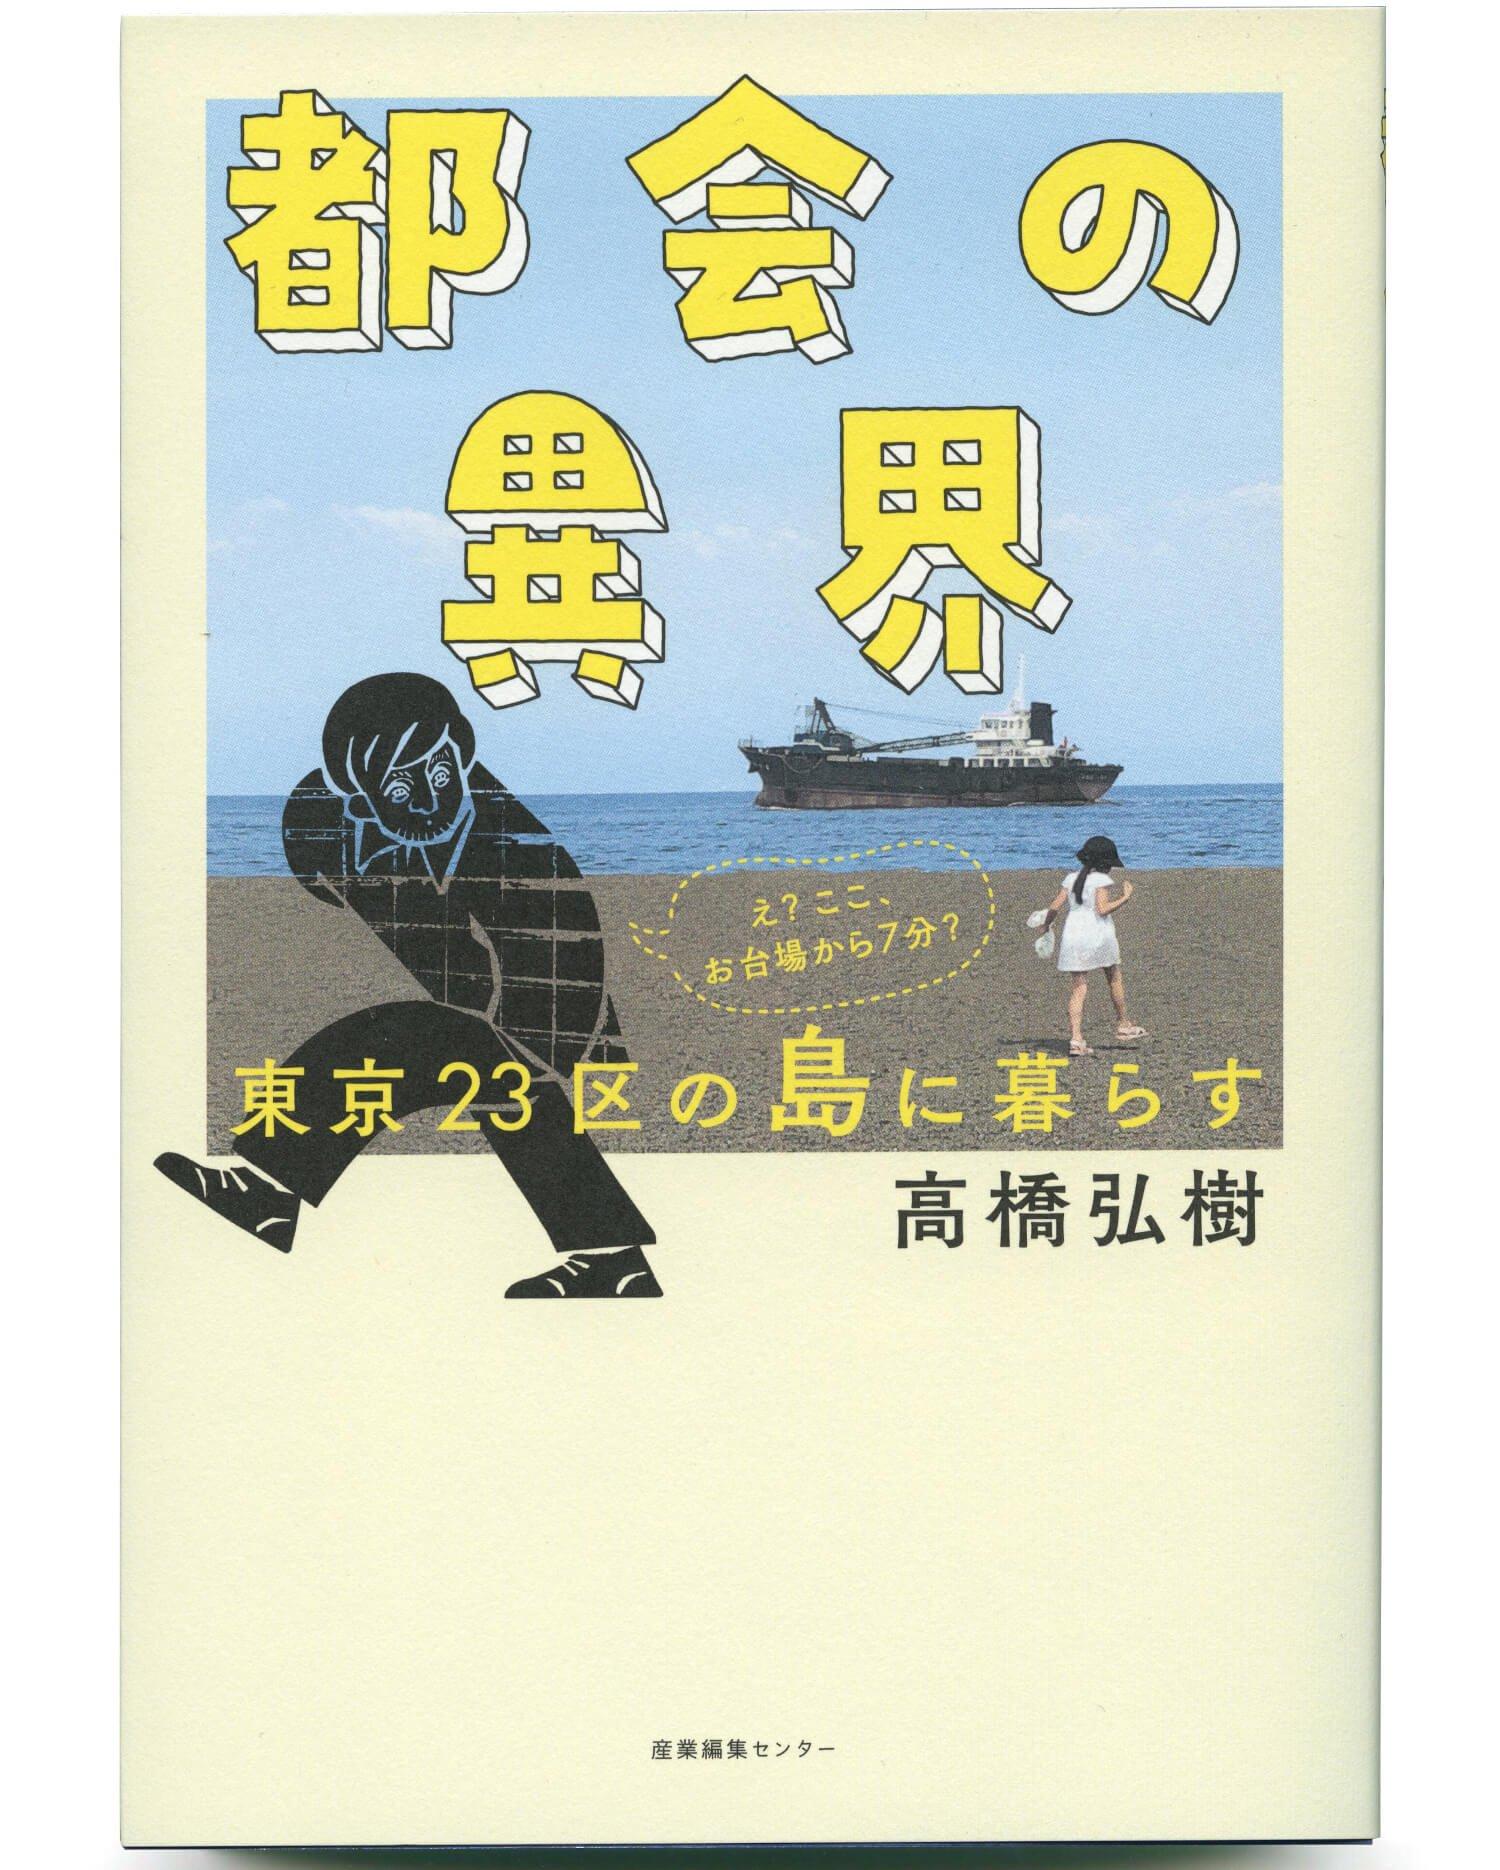 高橋弘樹 著/ 産業編集センター/ 1650円+税